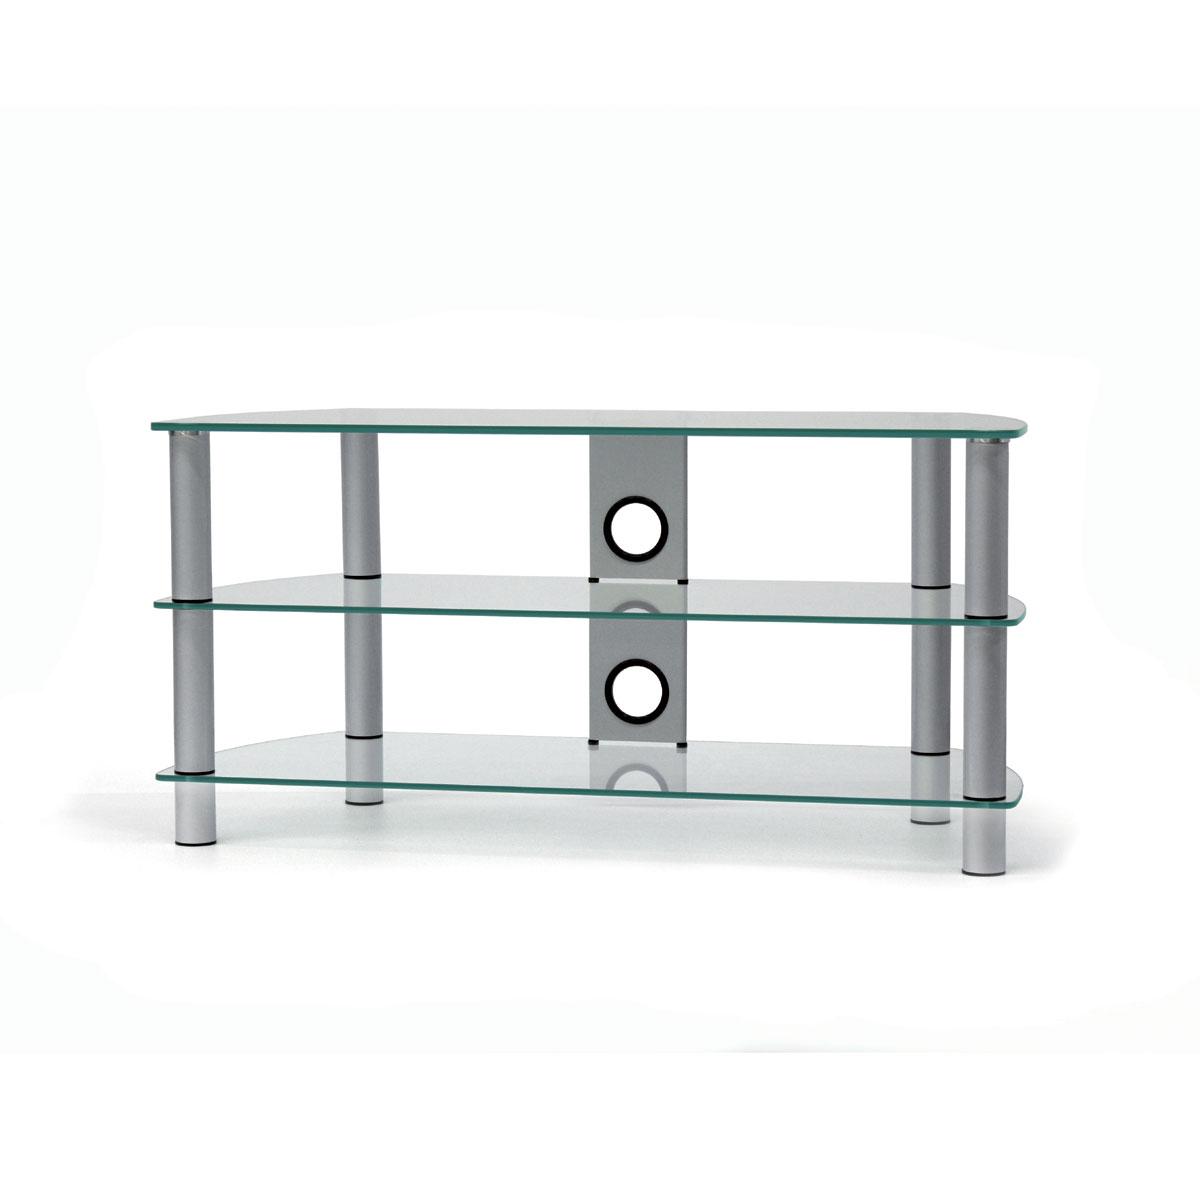 Ein Hifi TV Möbel. 3 Fachböden aus Glas. Tragesäulen aus Aluminium. Mit Kabelmanagement. Modell JRC 1051 von Just Racks.